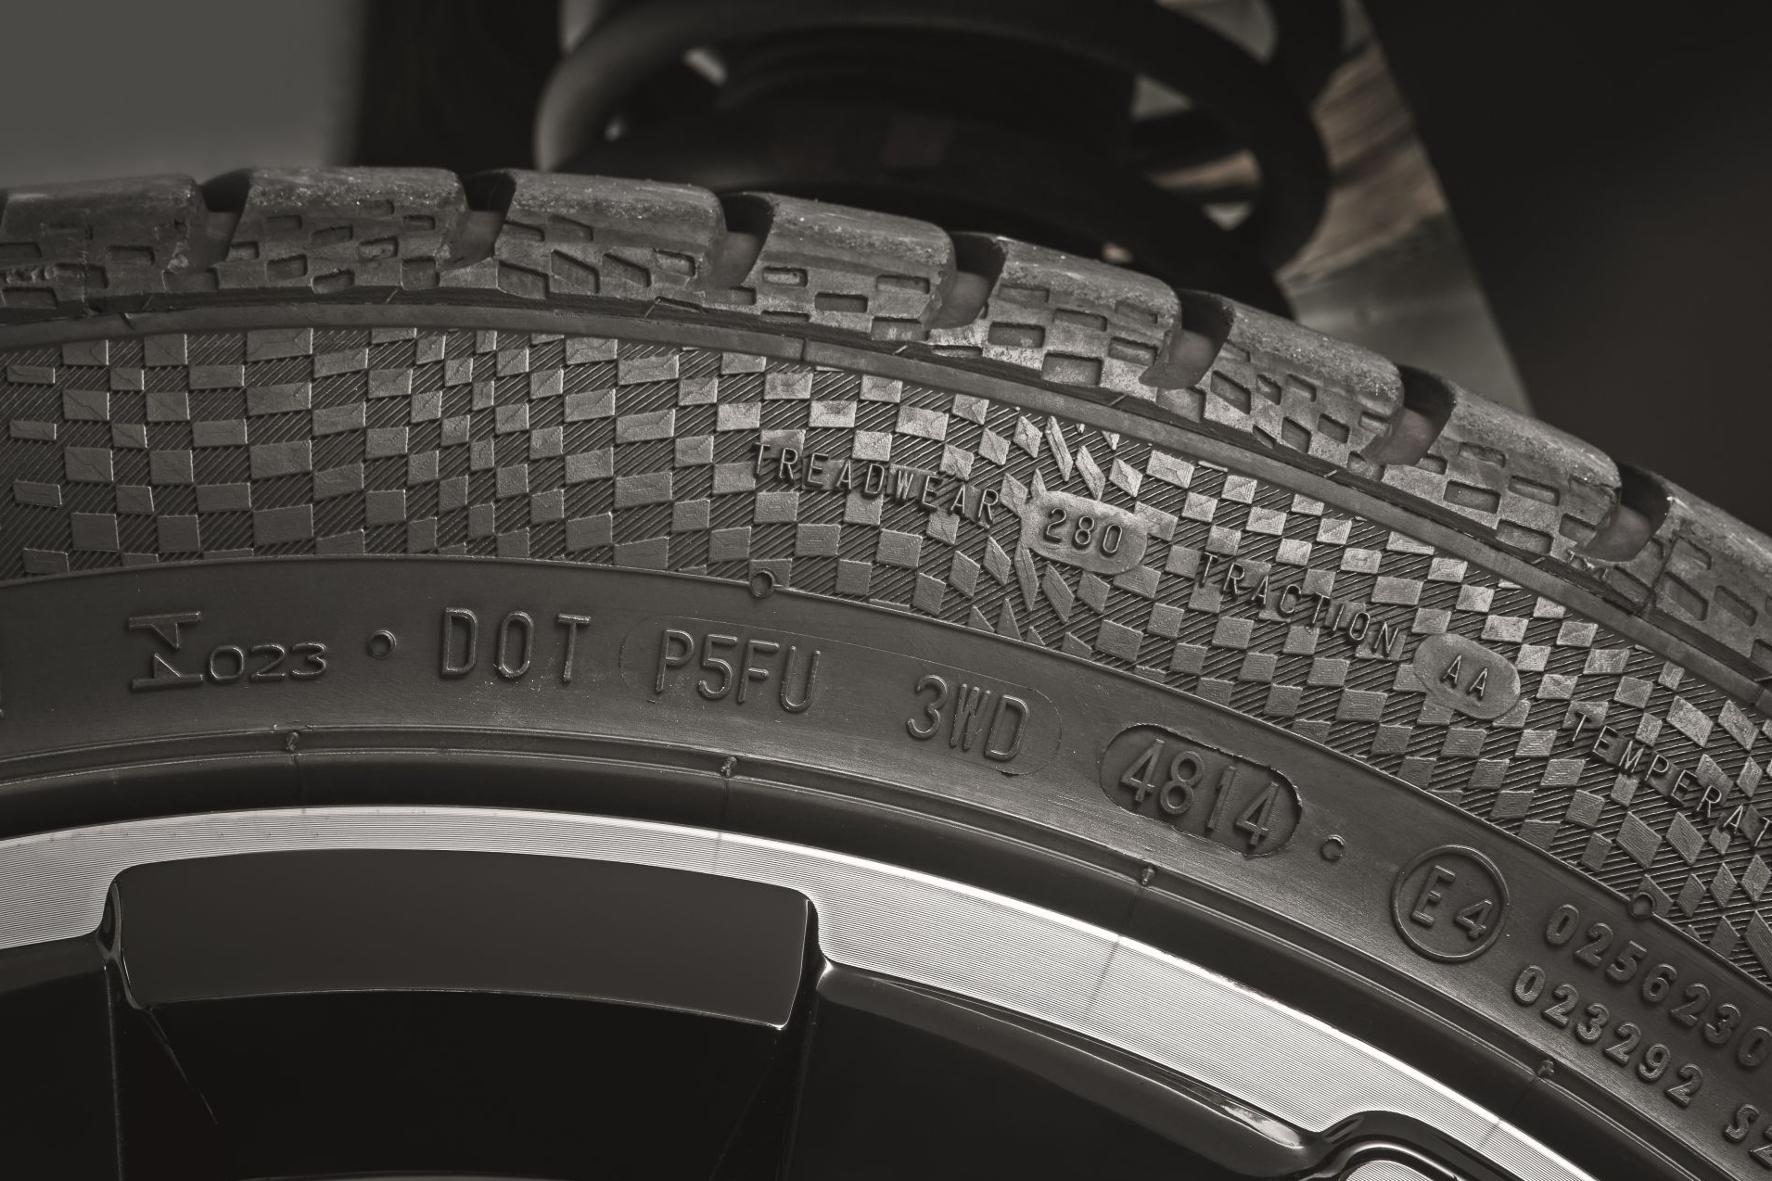 mid Groß-Gerau - Wie viele Jahre ein Reifen auf dem Buckel hat, können Autofahrer an der DOT-Nummer an der Reifenflanke ablesen. Dekra